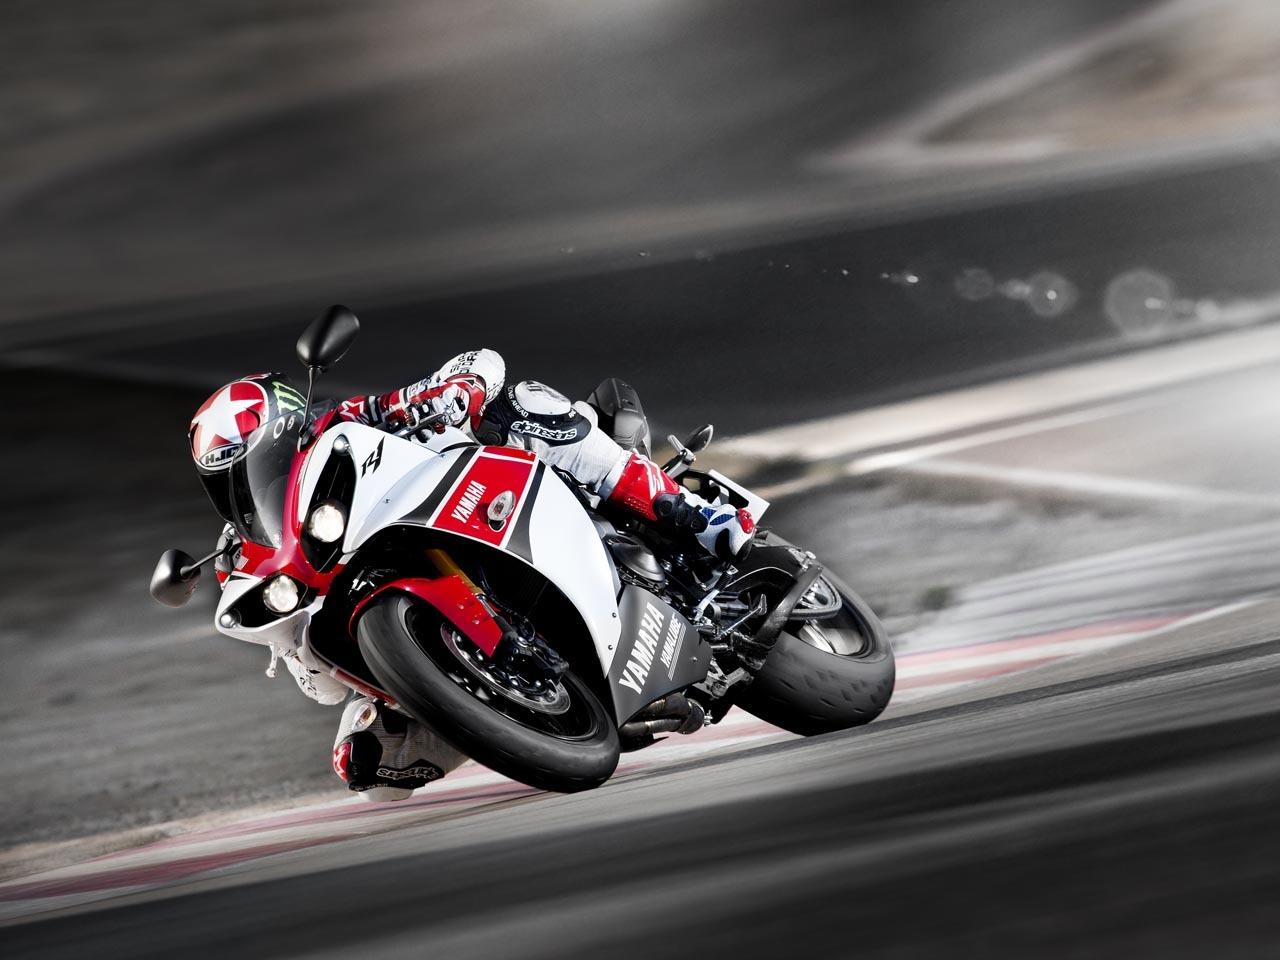 Foto de Yamaha YZF-R1 2012 50 aniversario, datos e imágenes oficiales (17/20)